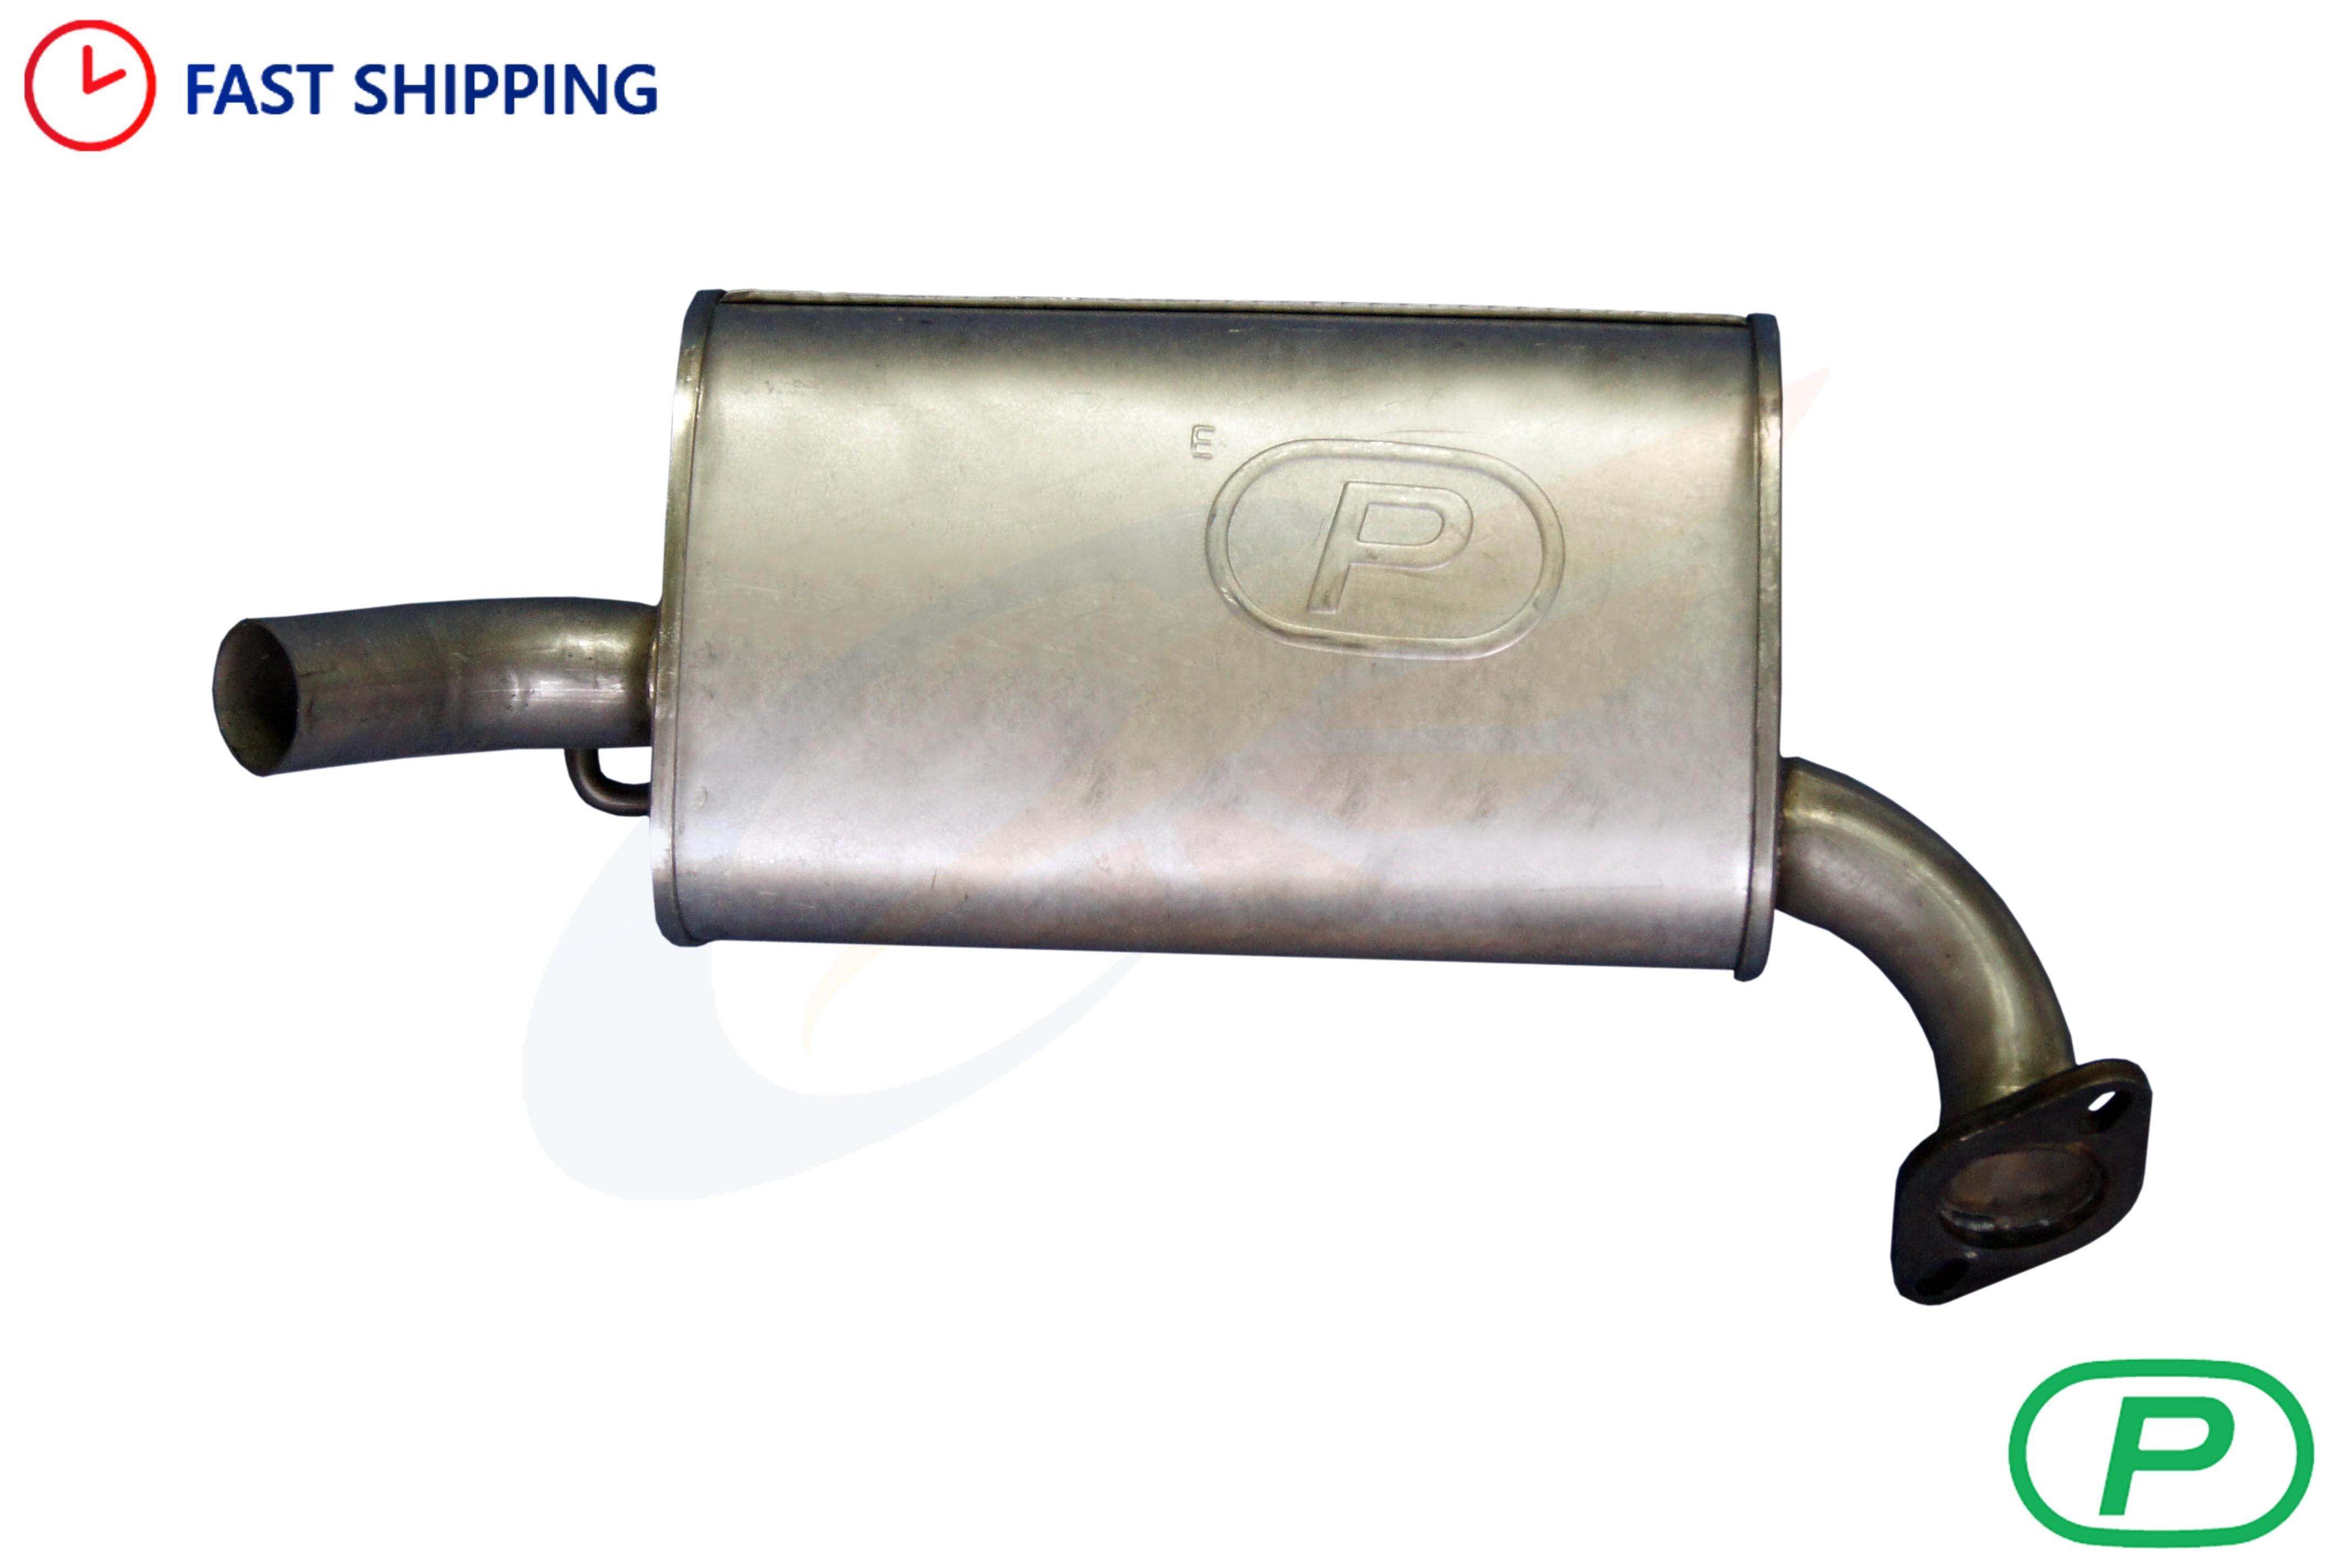 Landrover Freelander 1.8 Exhaust Rear Back Box Silencer